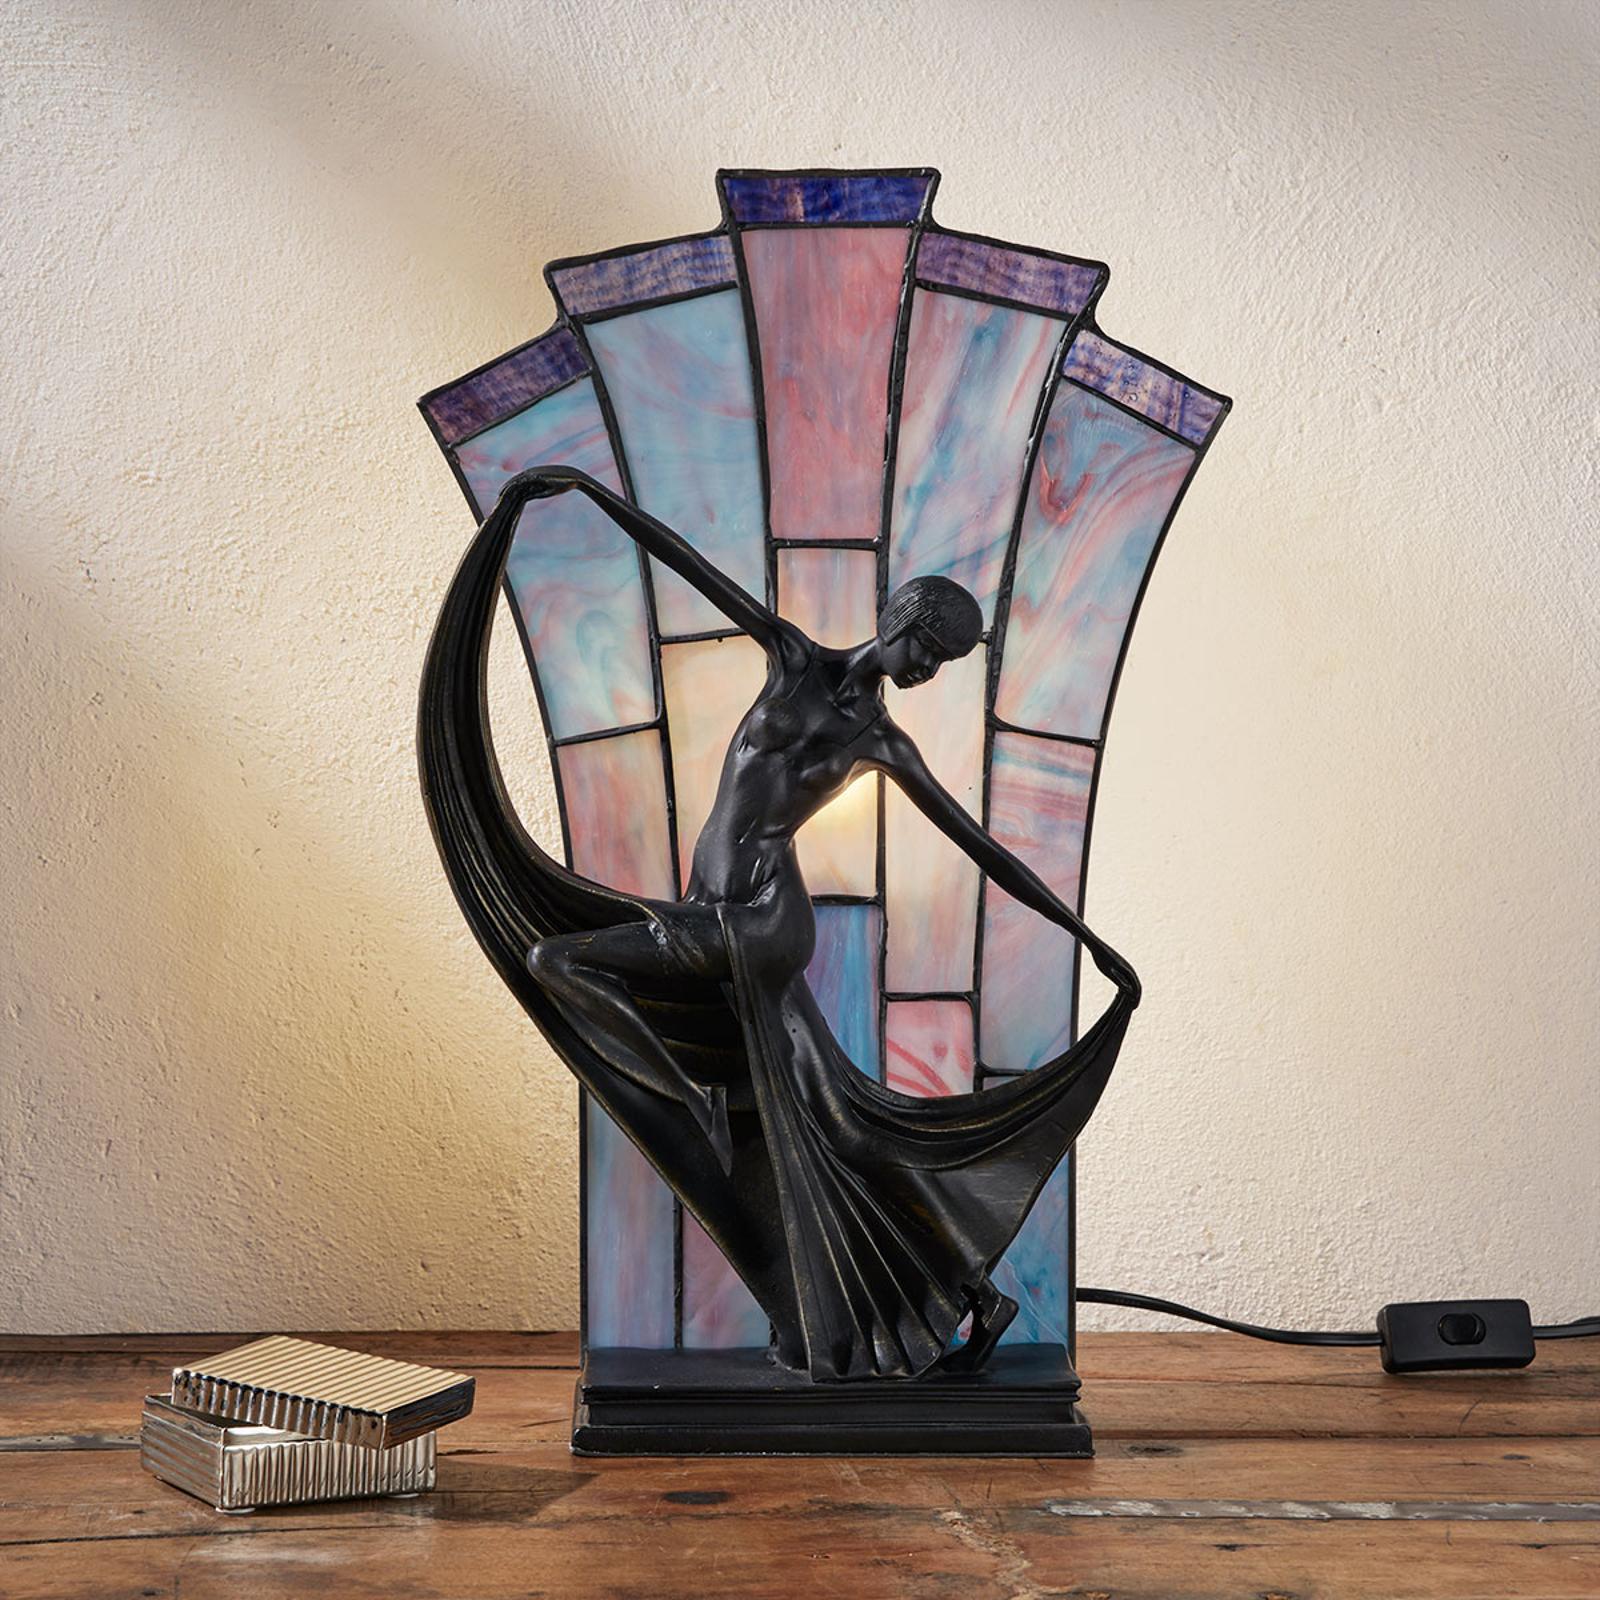 Efektowna lampa stołowa Flamina w stylu Tiffany